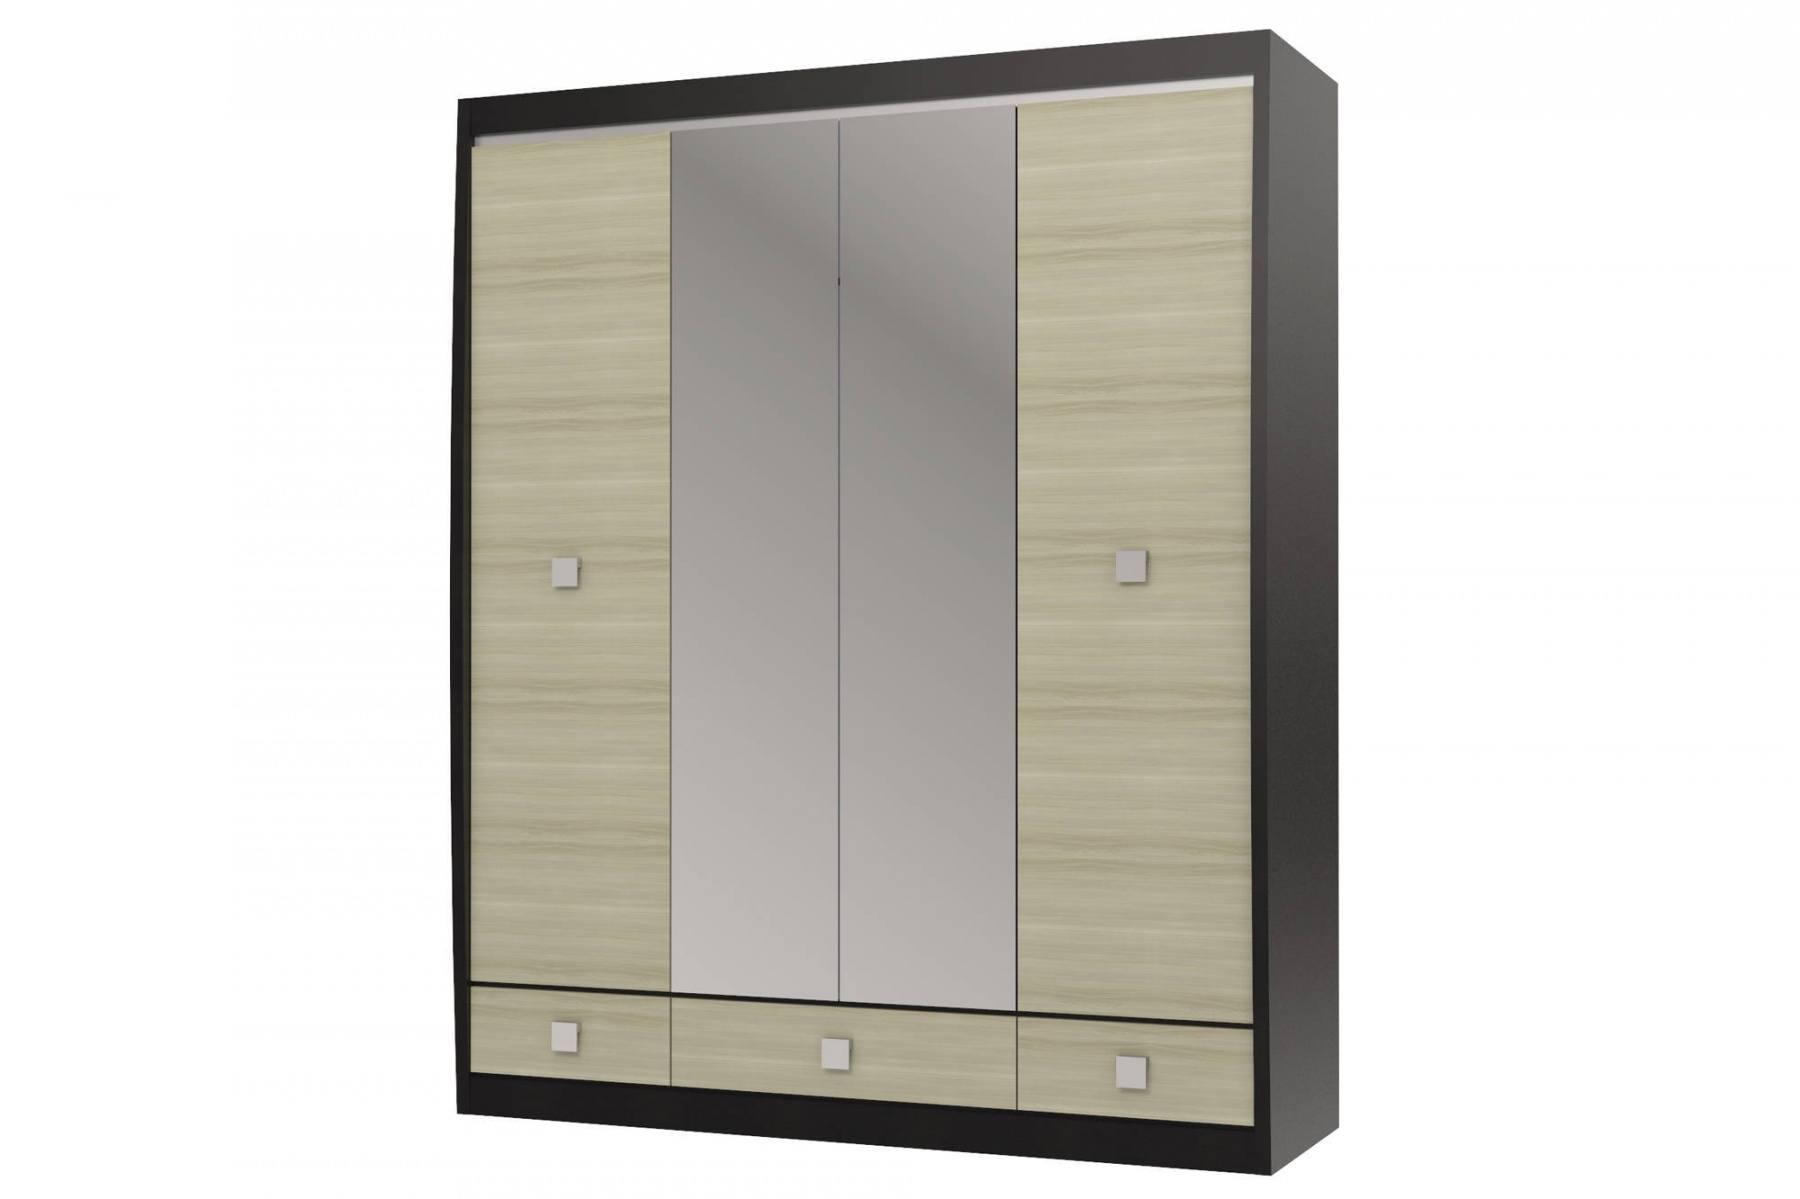 Шкаф с зеркалом 4-х дверный с 3-мя ящиками Ксено СТЛ.078.19 шкаф 4 х дверный с зеркалом ребекка